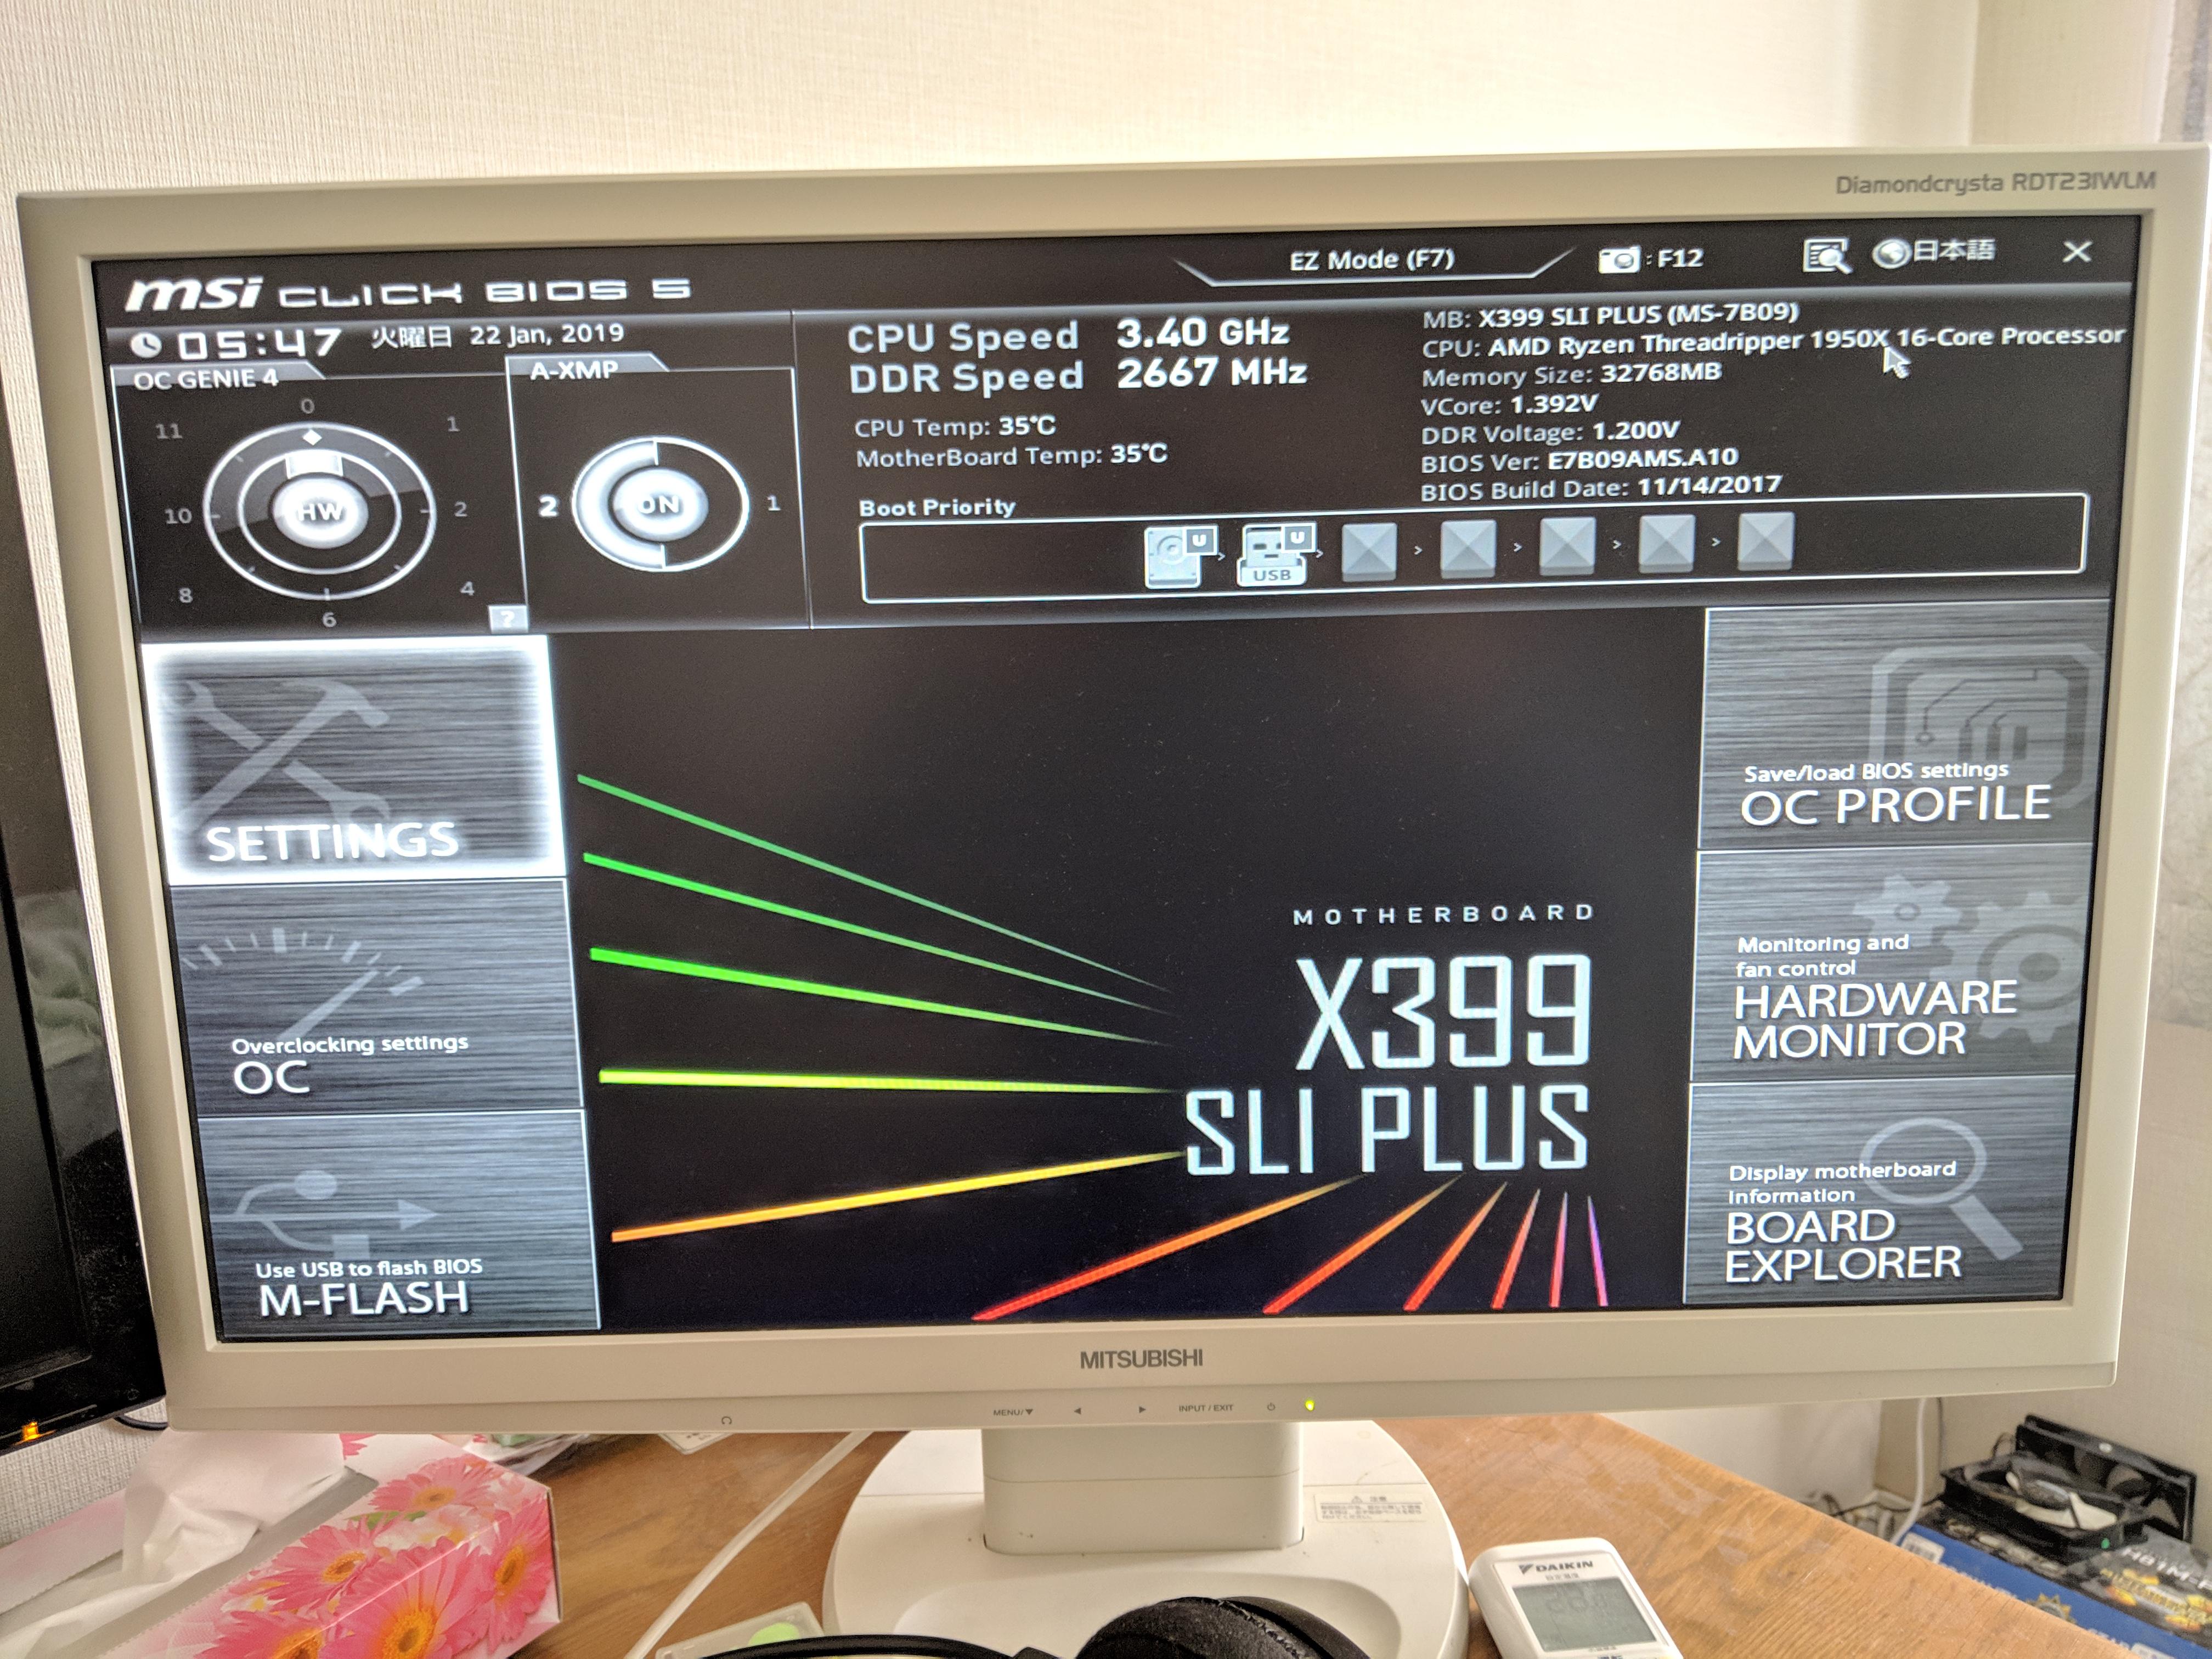 MSIのM-Flashで更新対象のBIOSファイルが認識されないと思ったら